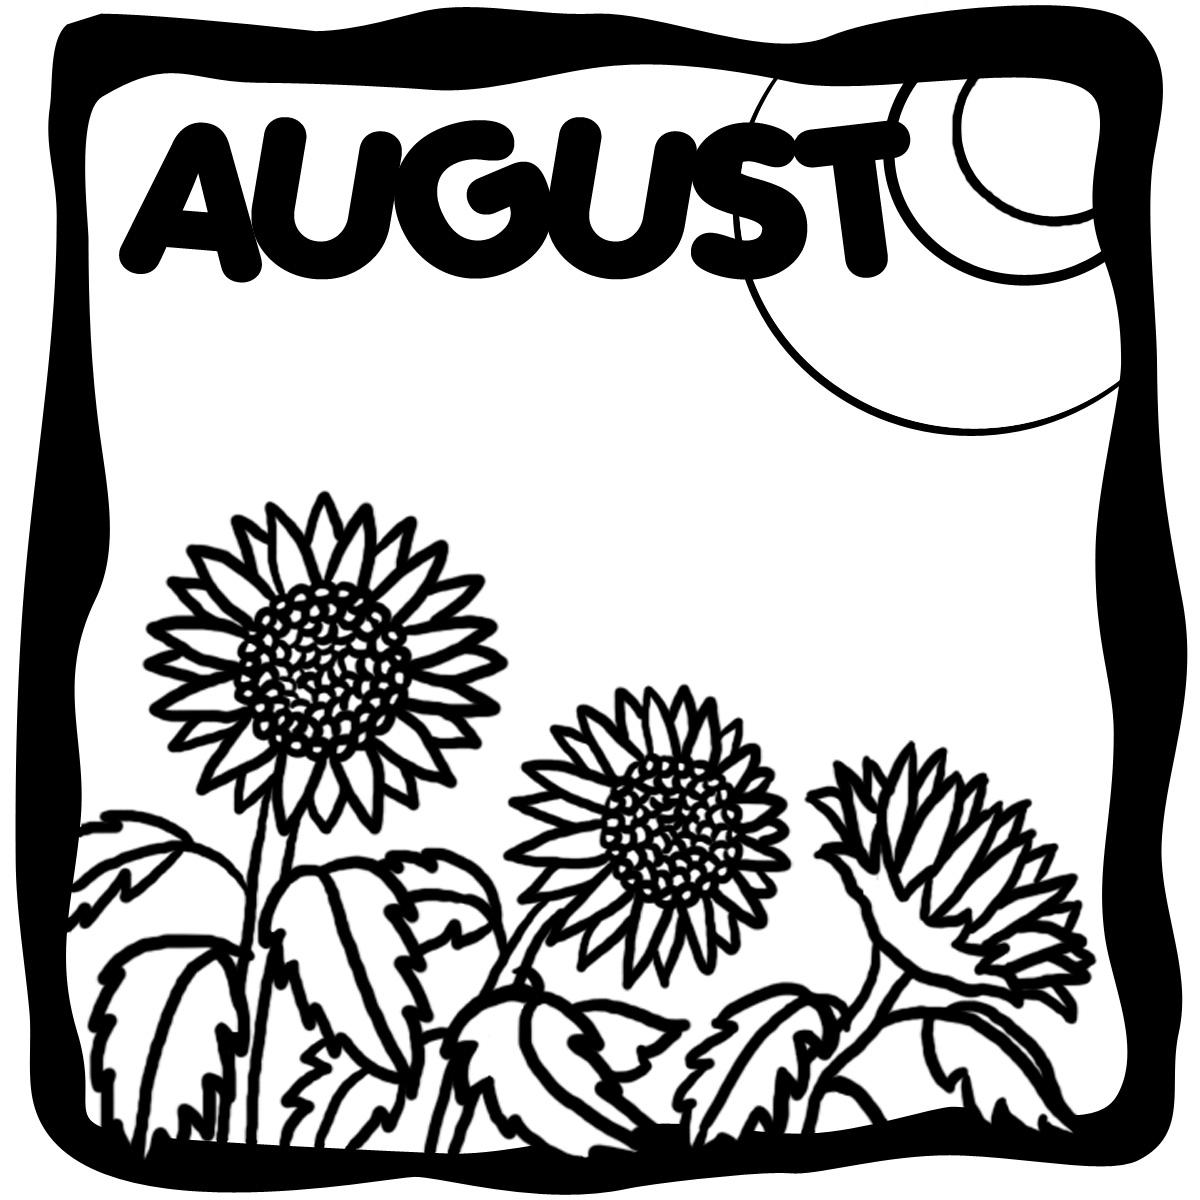 August clip art sites